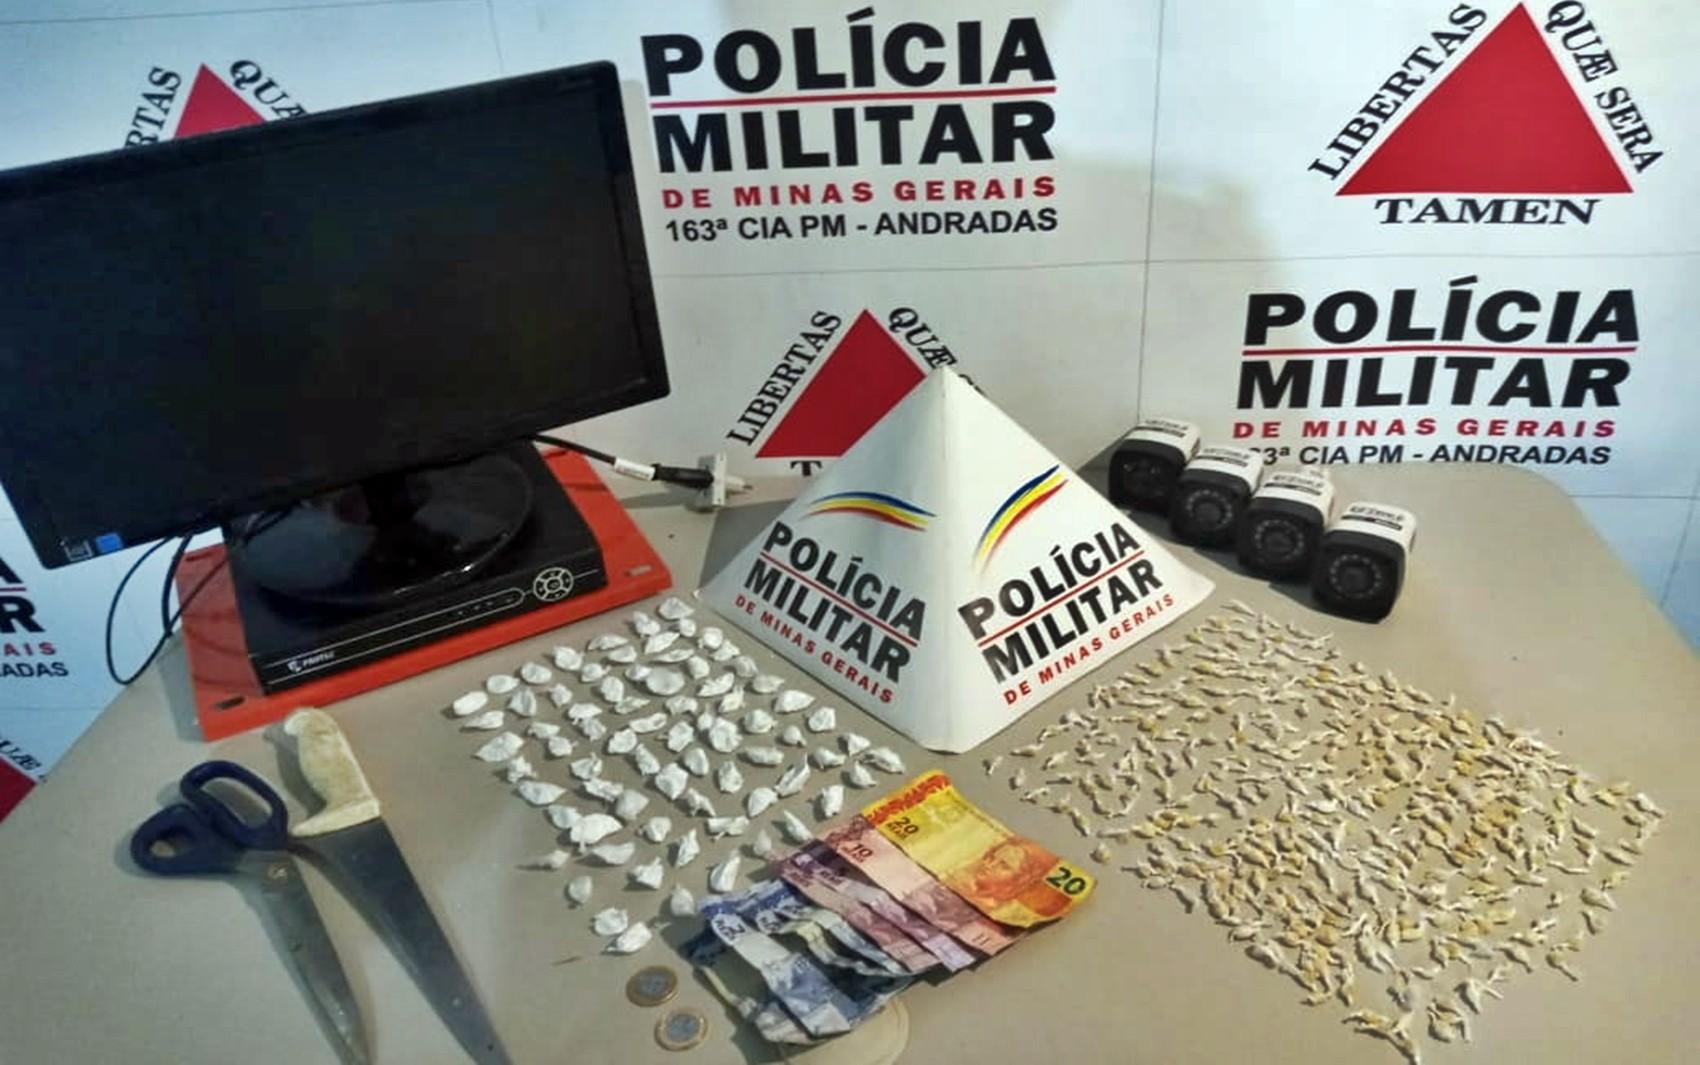 Jovem de 21 anos é preso por tráfico de drogas em Andradas, MG